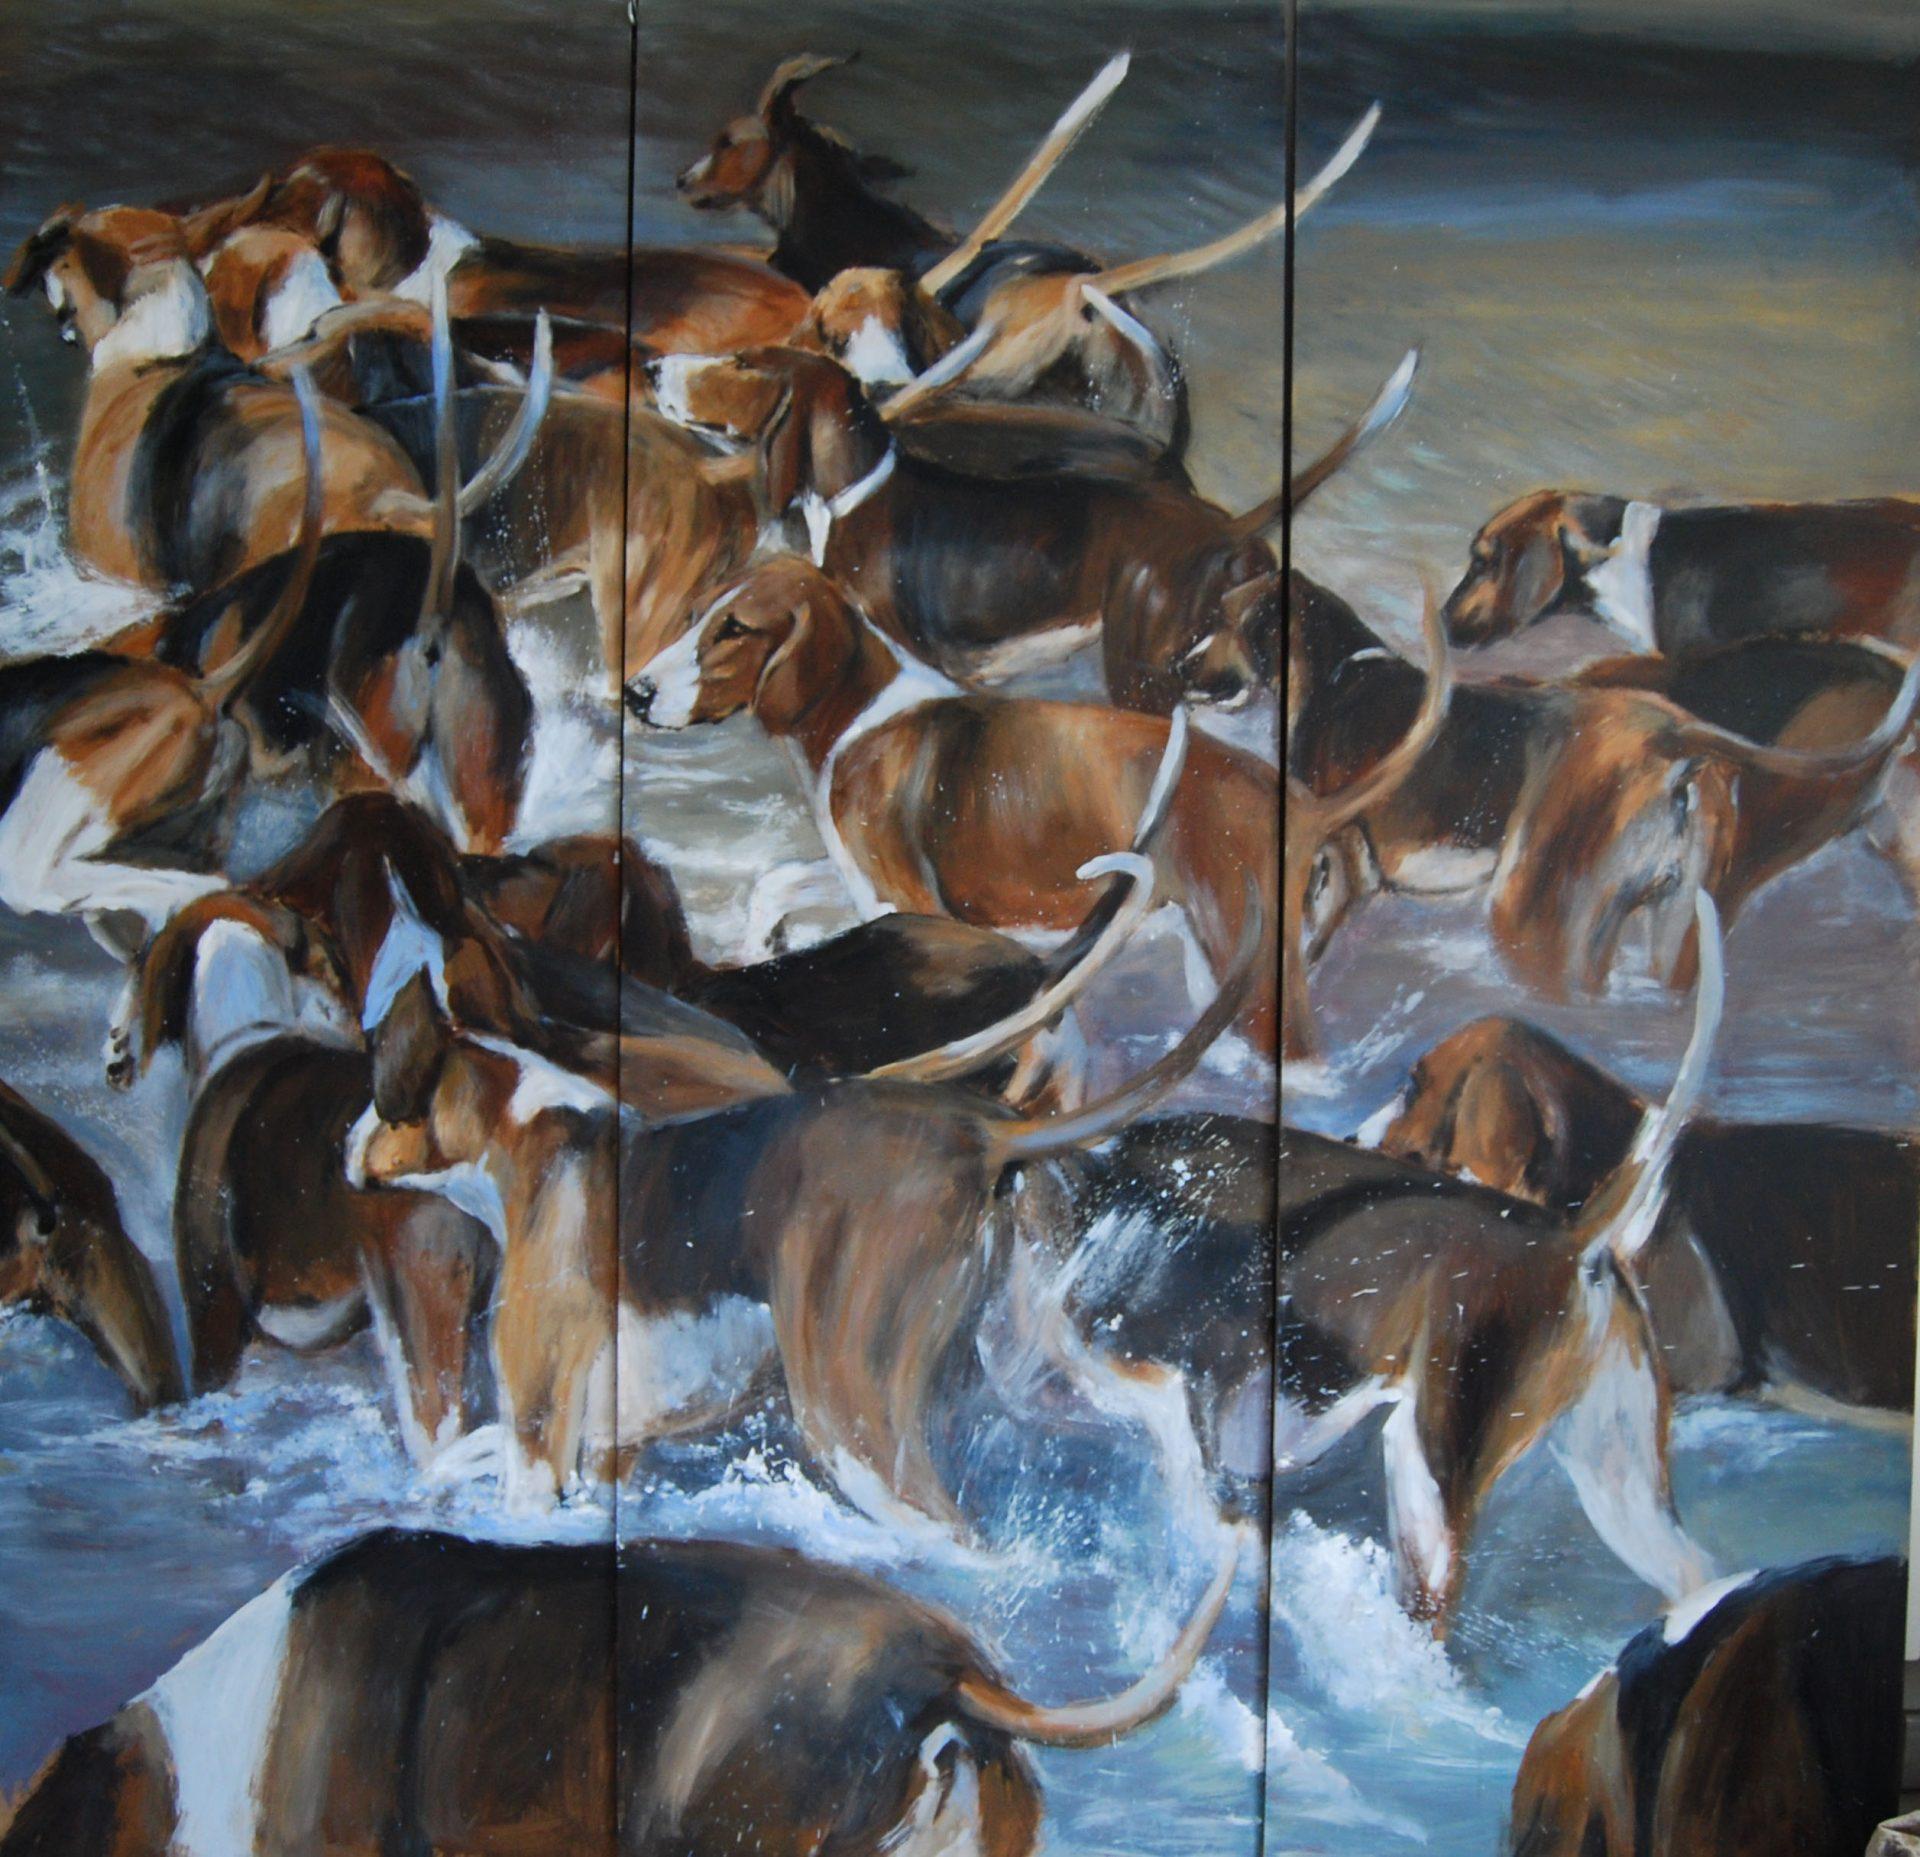 paravent bat l'eau meute chiens face 2 -Marie-Joëlle Cédat-artiste animalier peinture animaliere-art-animalier- peintre-animalier